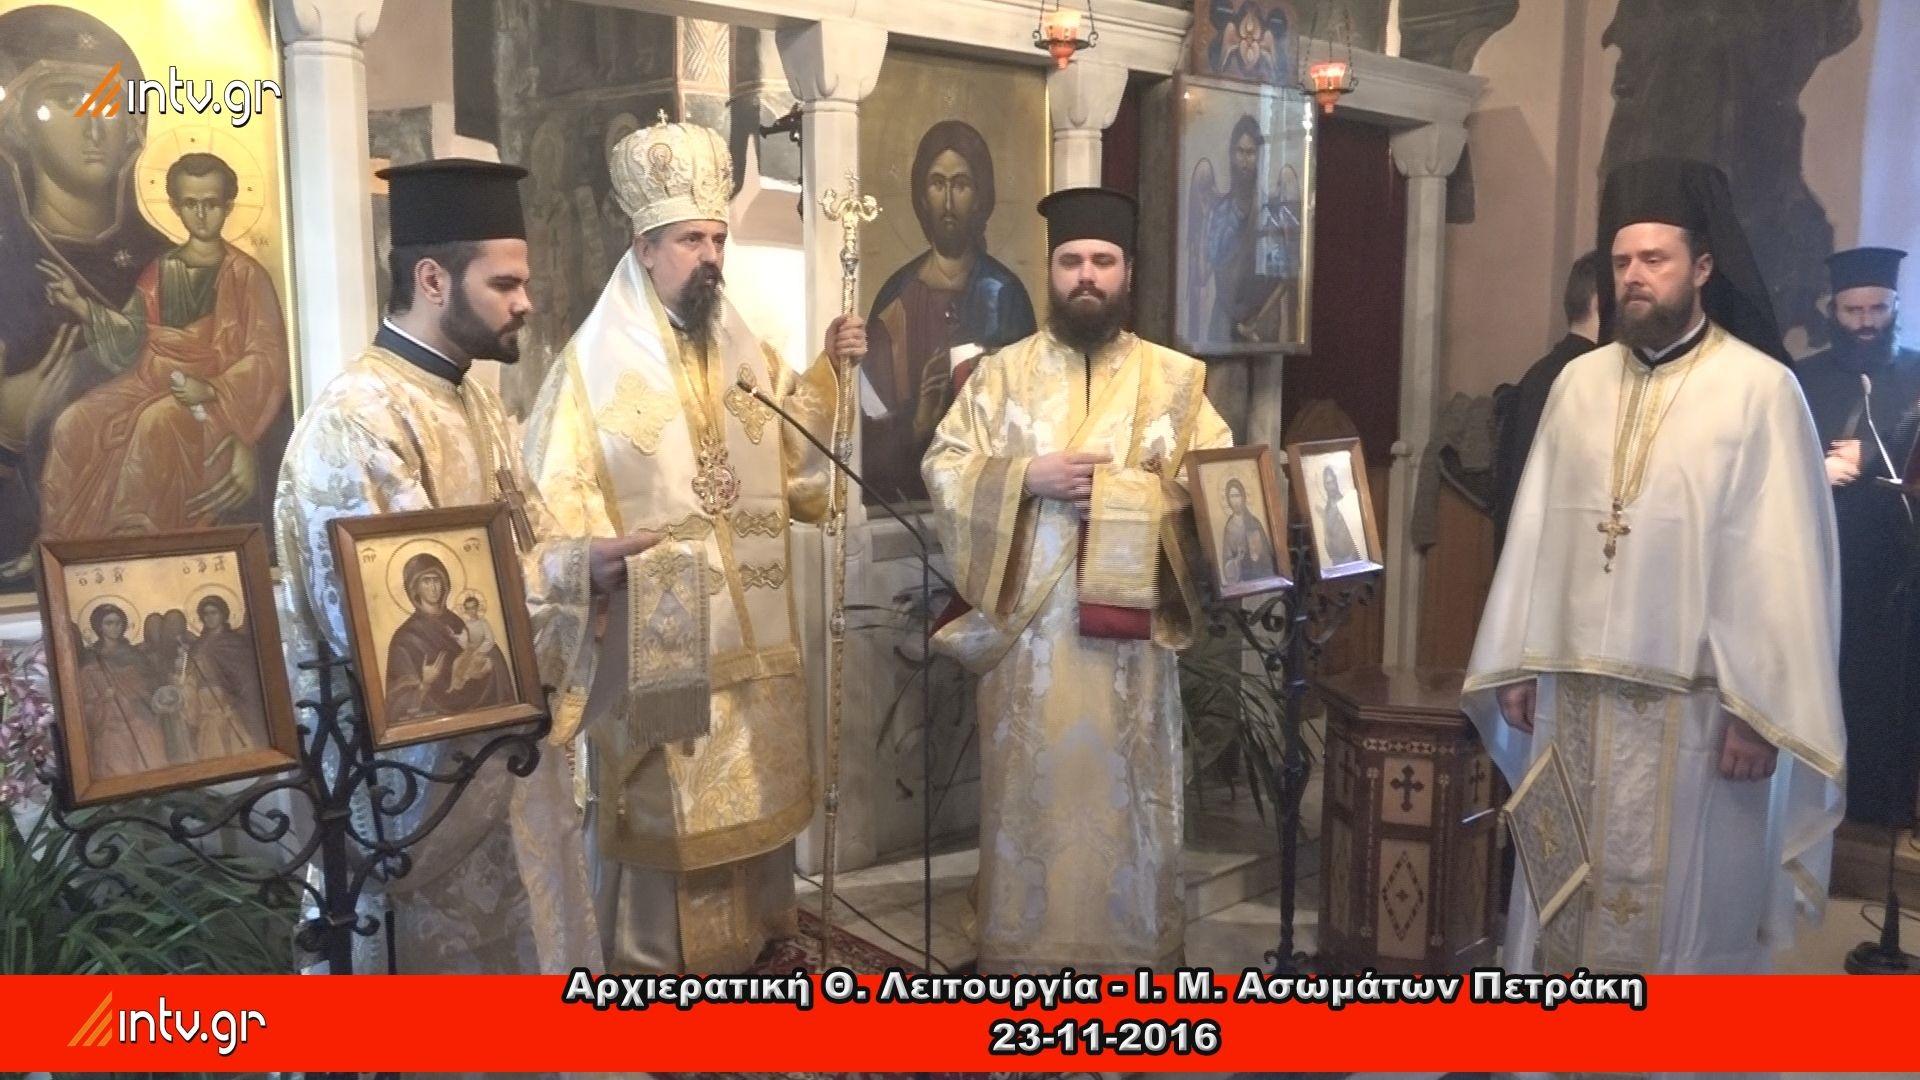 Ι. Μονή Ασωμάτων Πετράκη - Αρχιερατική Θ. Λειτουργία   23-11-2016